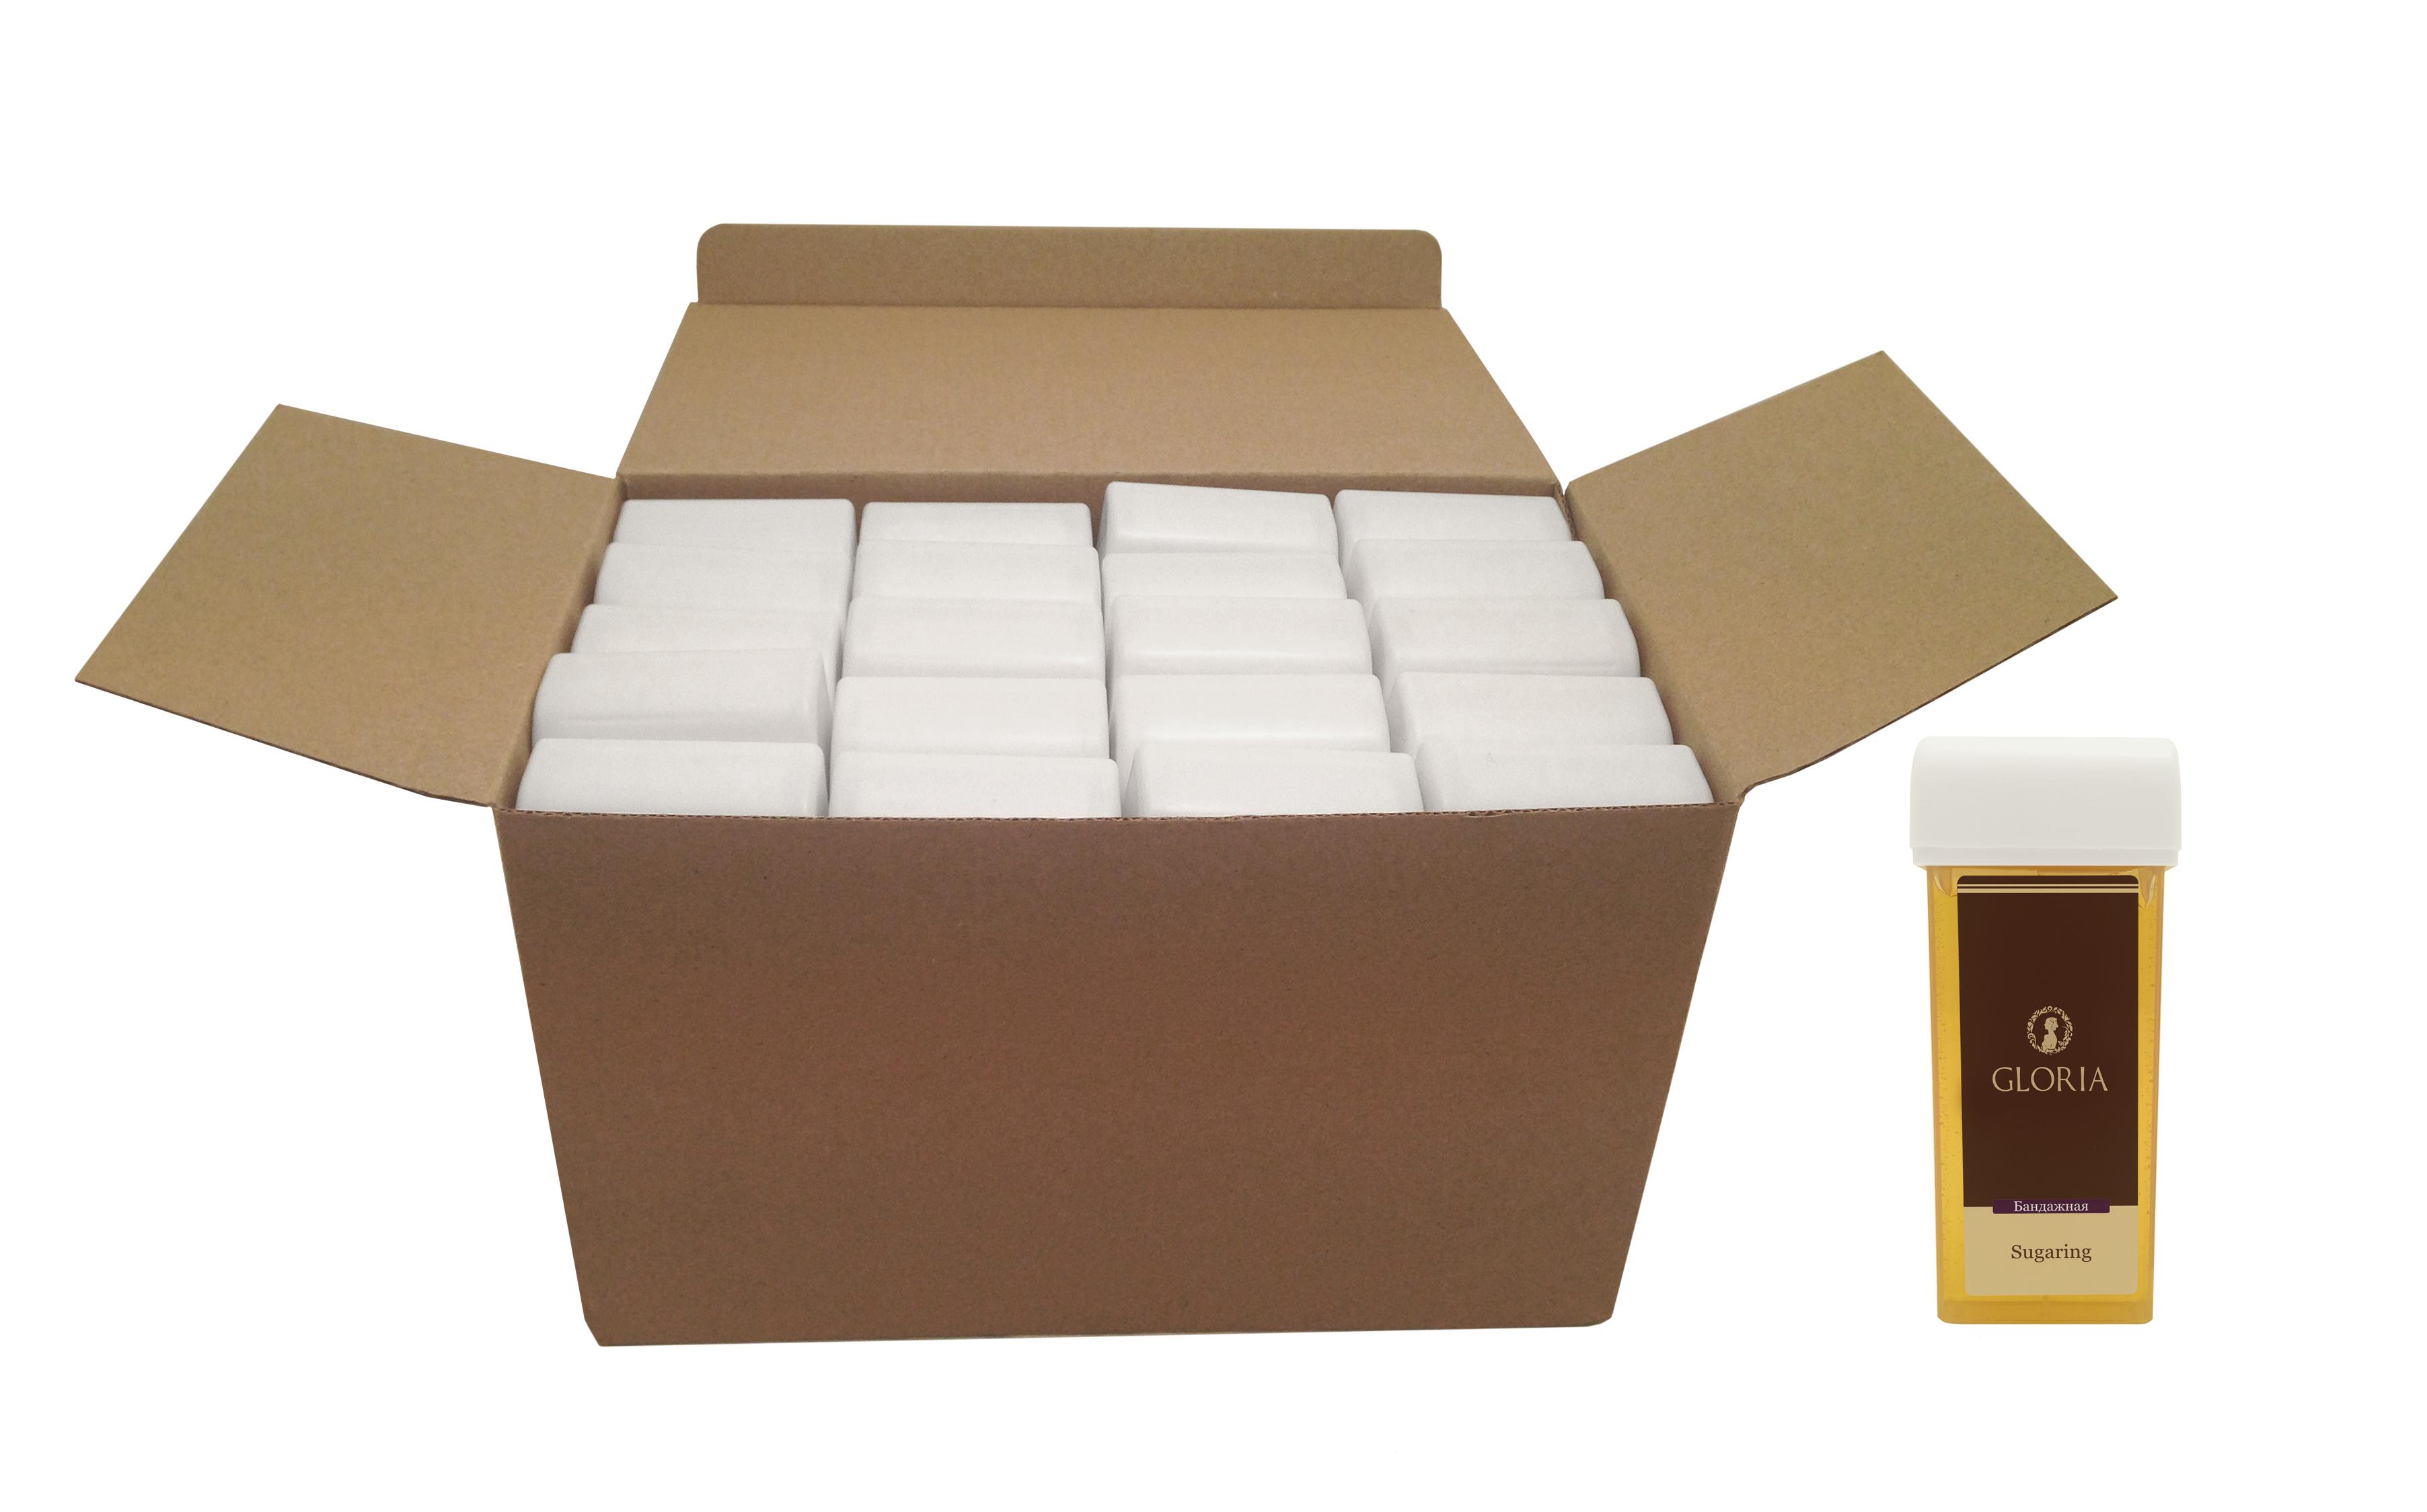 GLORIA Паста сахарная для депиляции Бандажная / GLORIA, коробка, в картридже 20 шт.